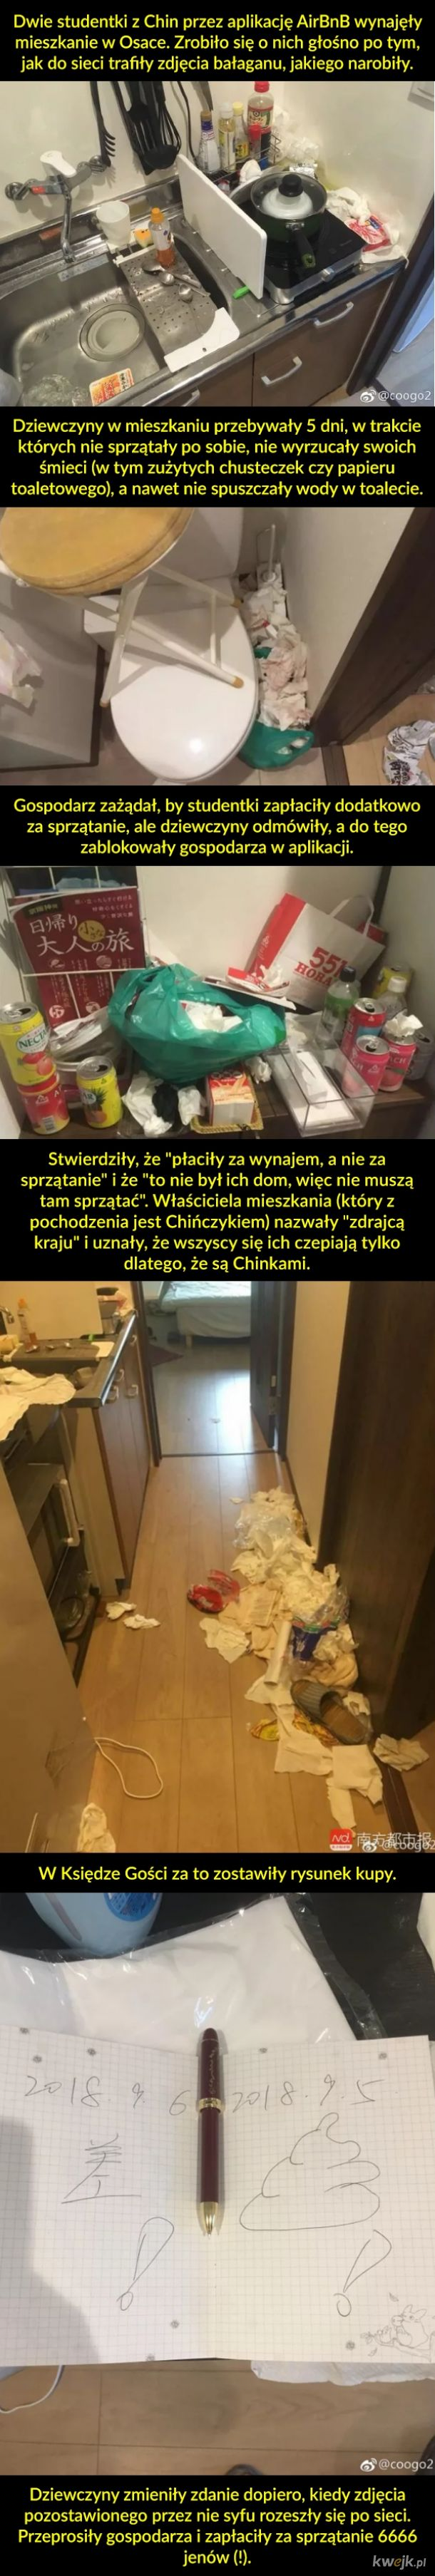 """Chinki odmówiły posprzątania po sobie w hostelu, bo """"to nie ich mieszkanie"""""""